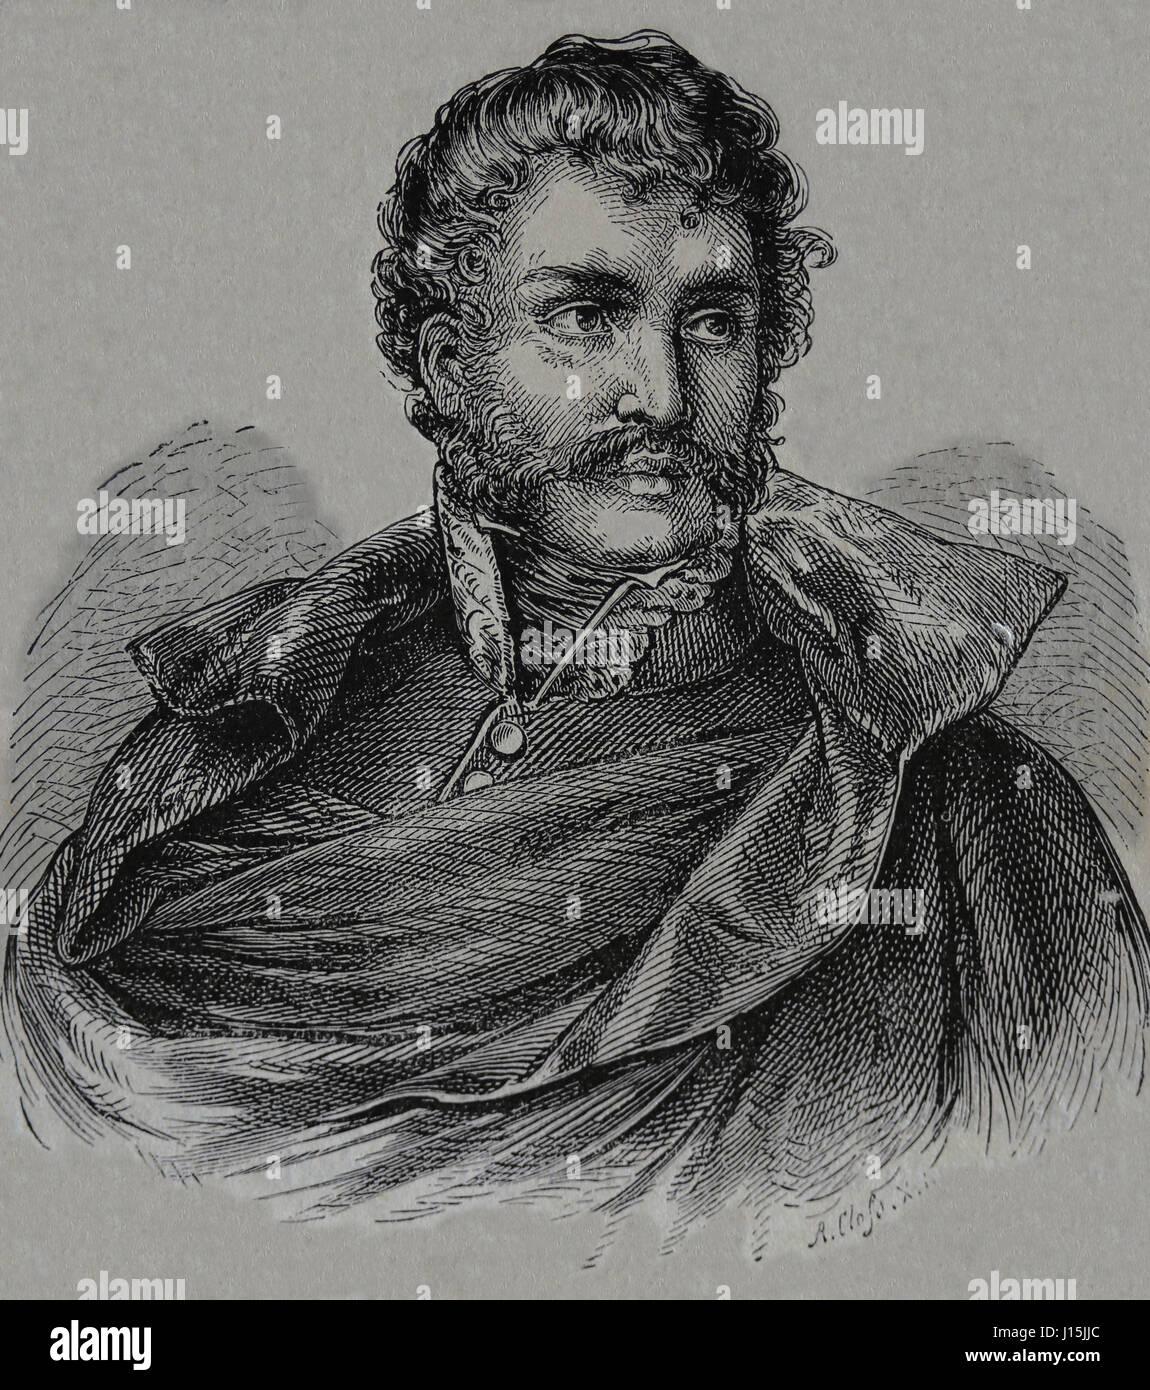 Francisco Espoz y Mina (1781-1836).  Spanish general. Engraving by Nuestro Siglo, 1883. - Stock Image